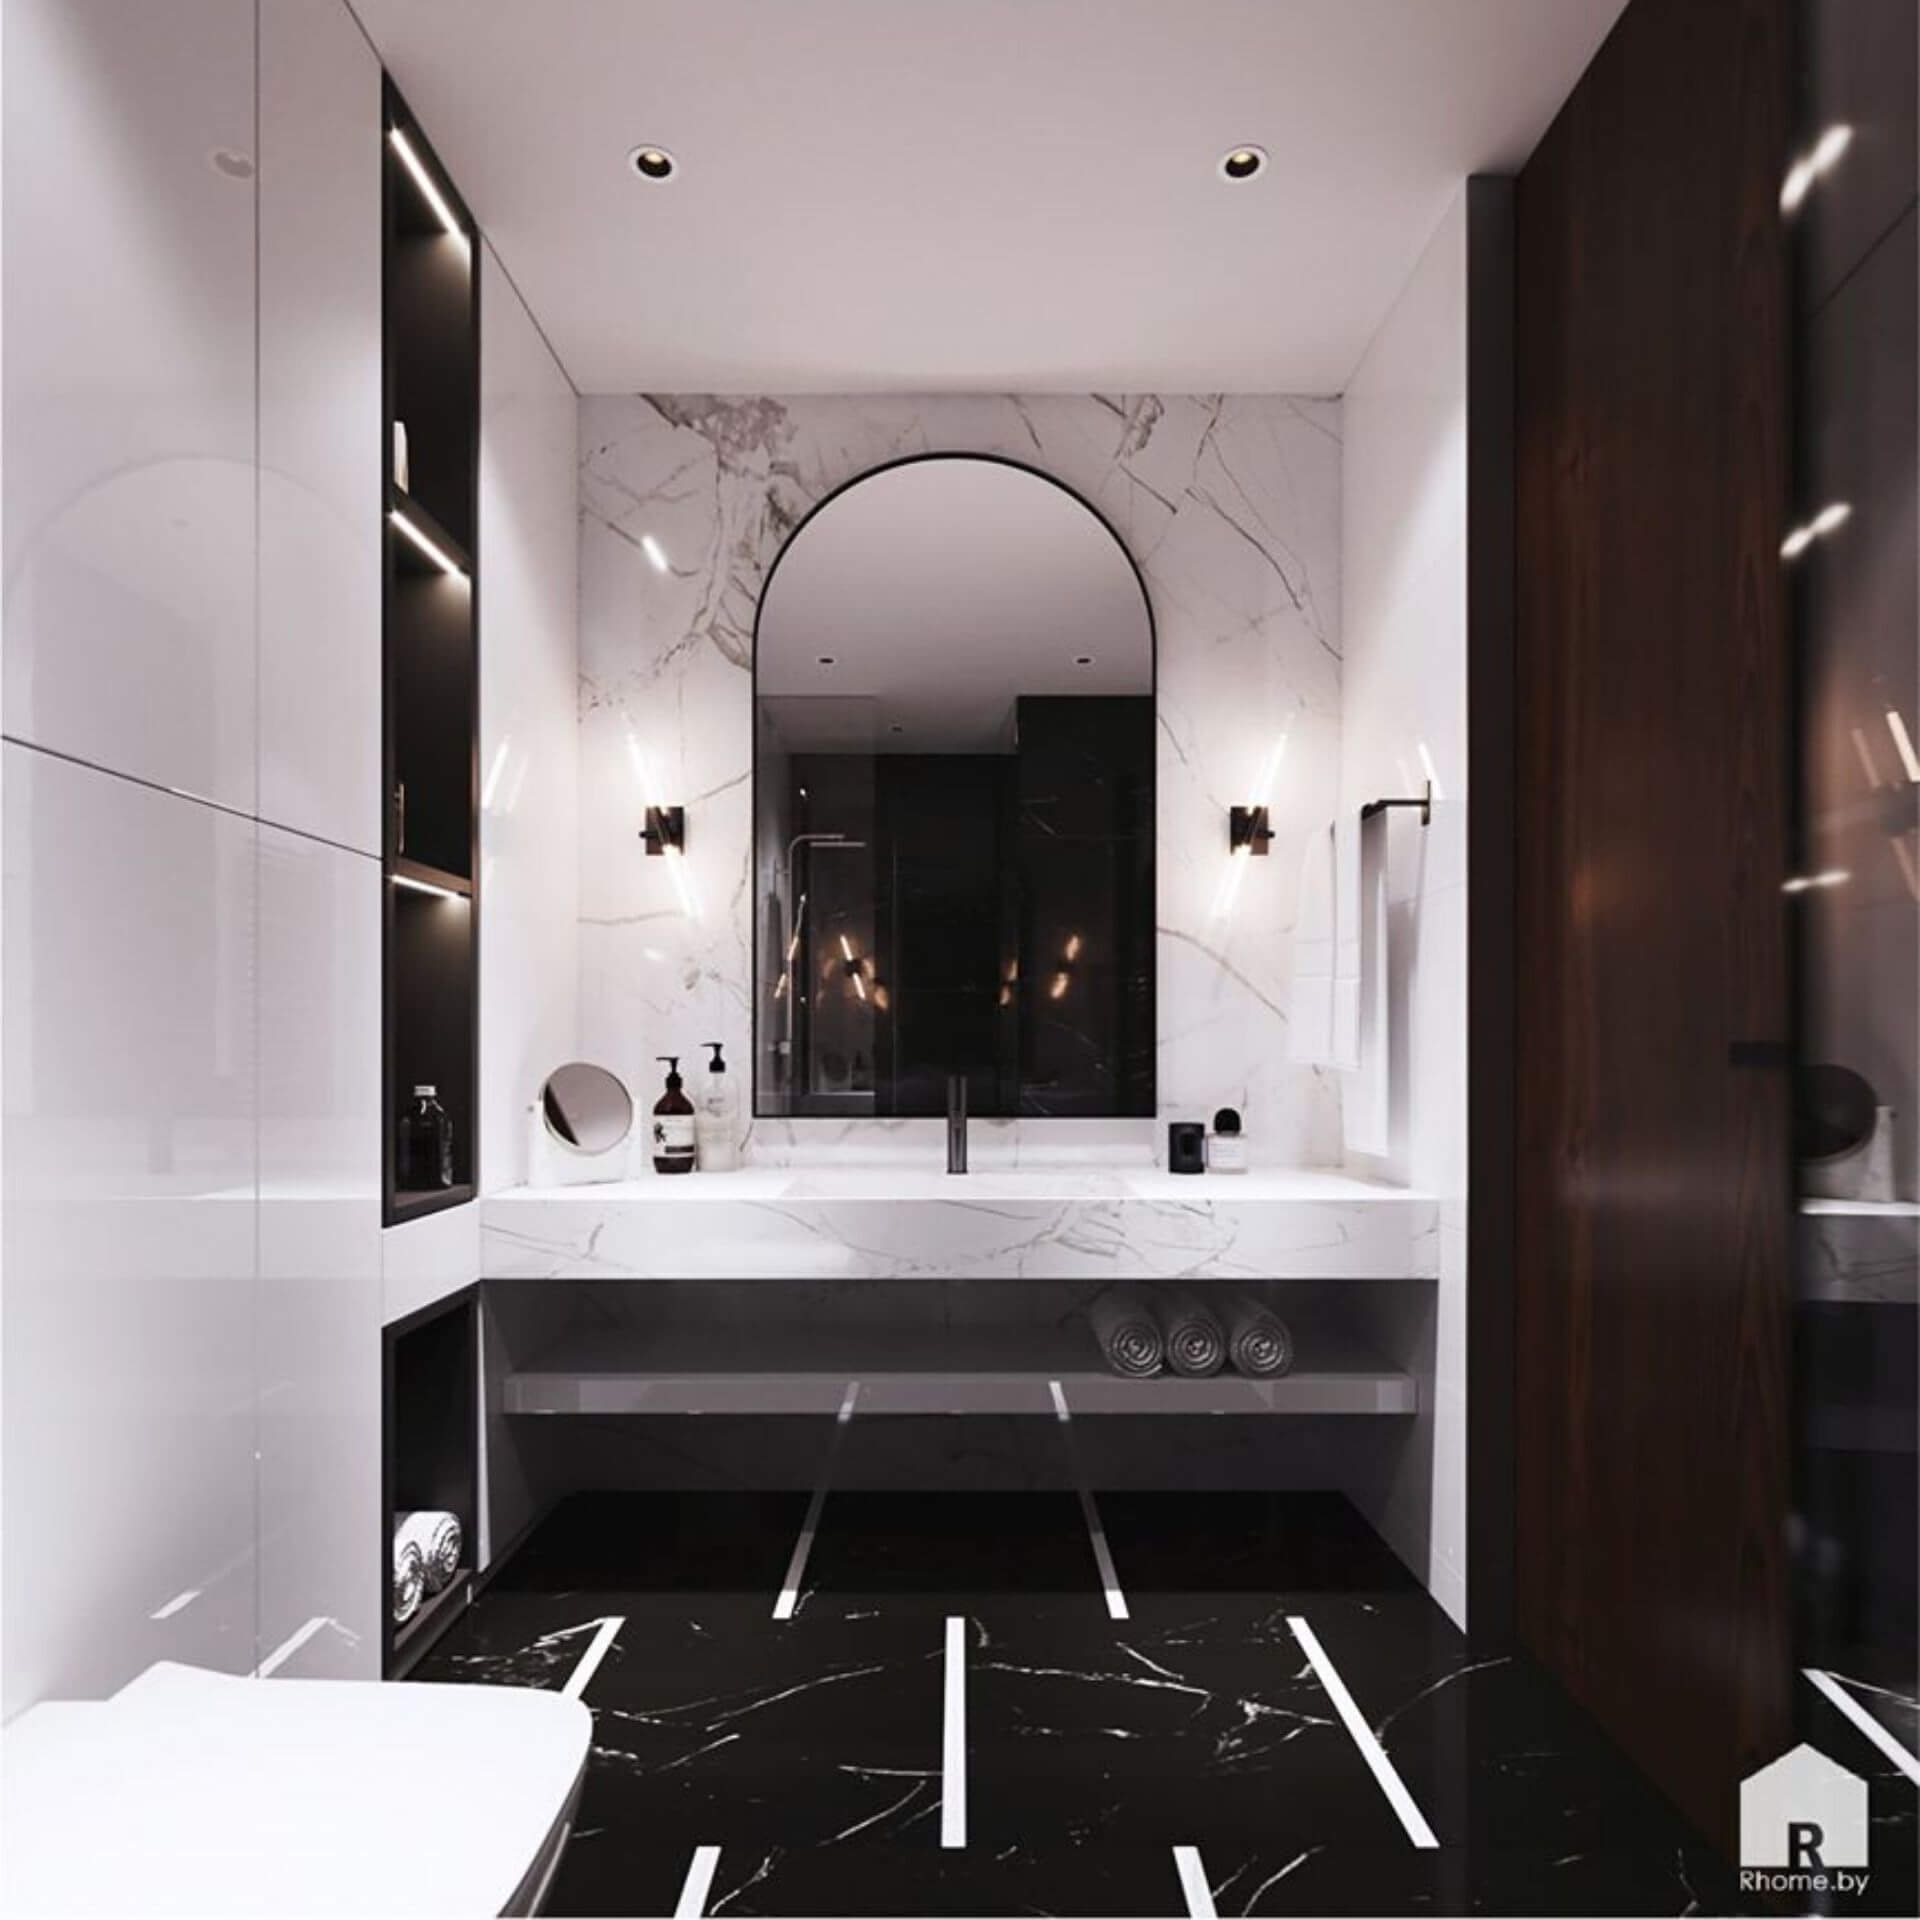 Черно-белая ванная комната с большим зеркалом по центру стены.